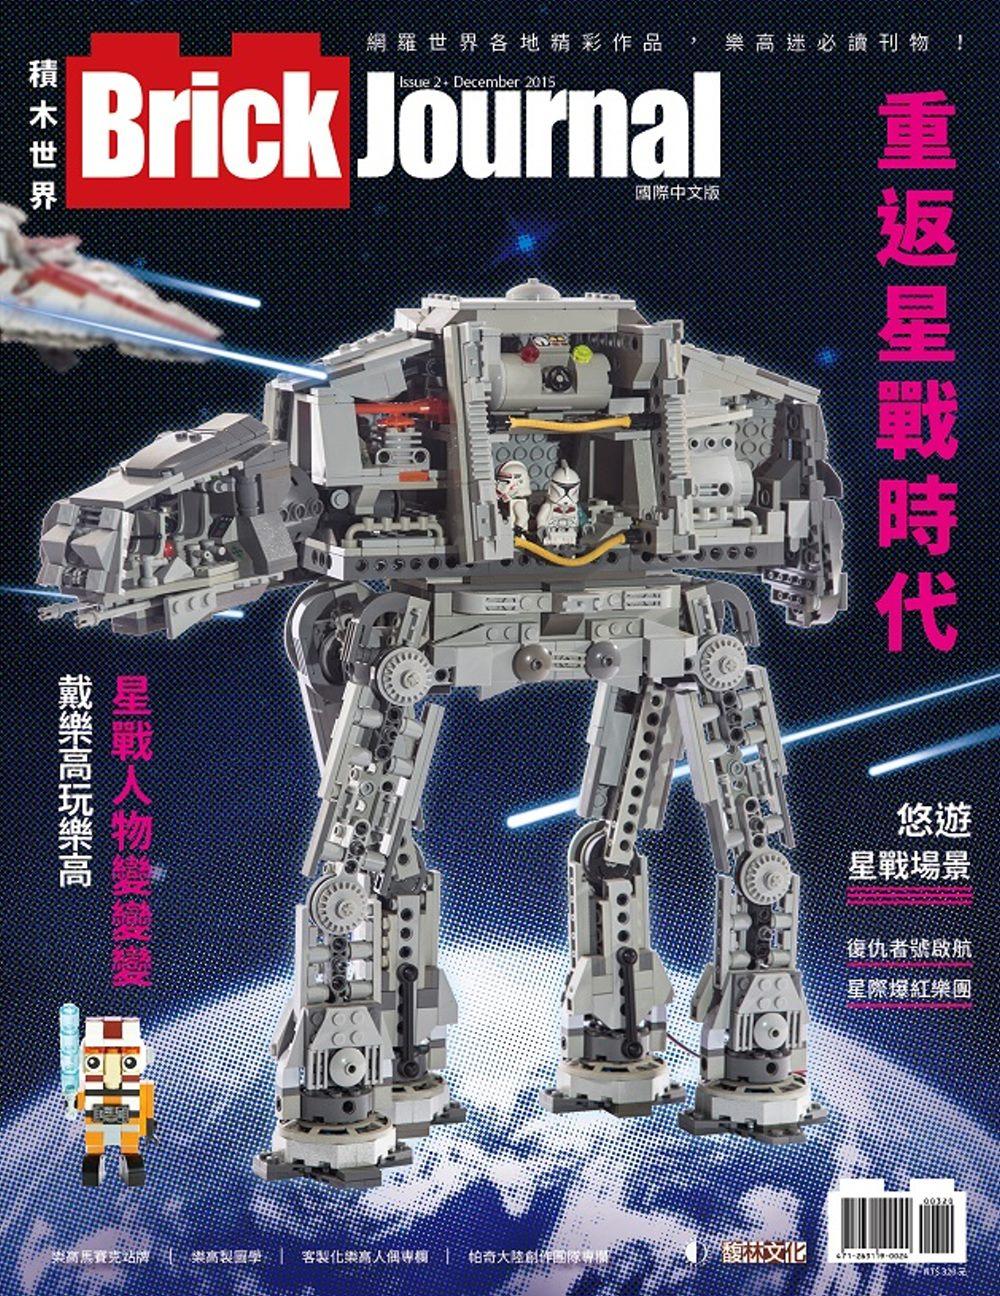 Brick Journal 積木世界 國際中文版 Issue 2